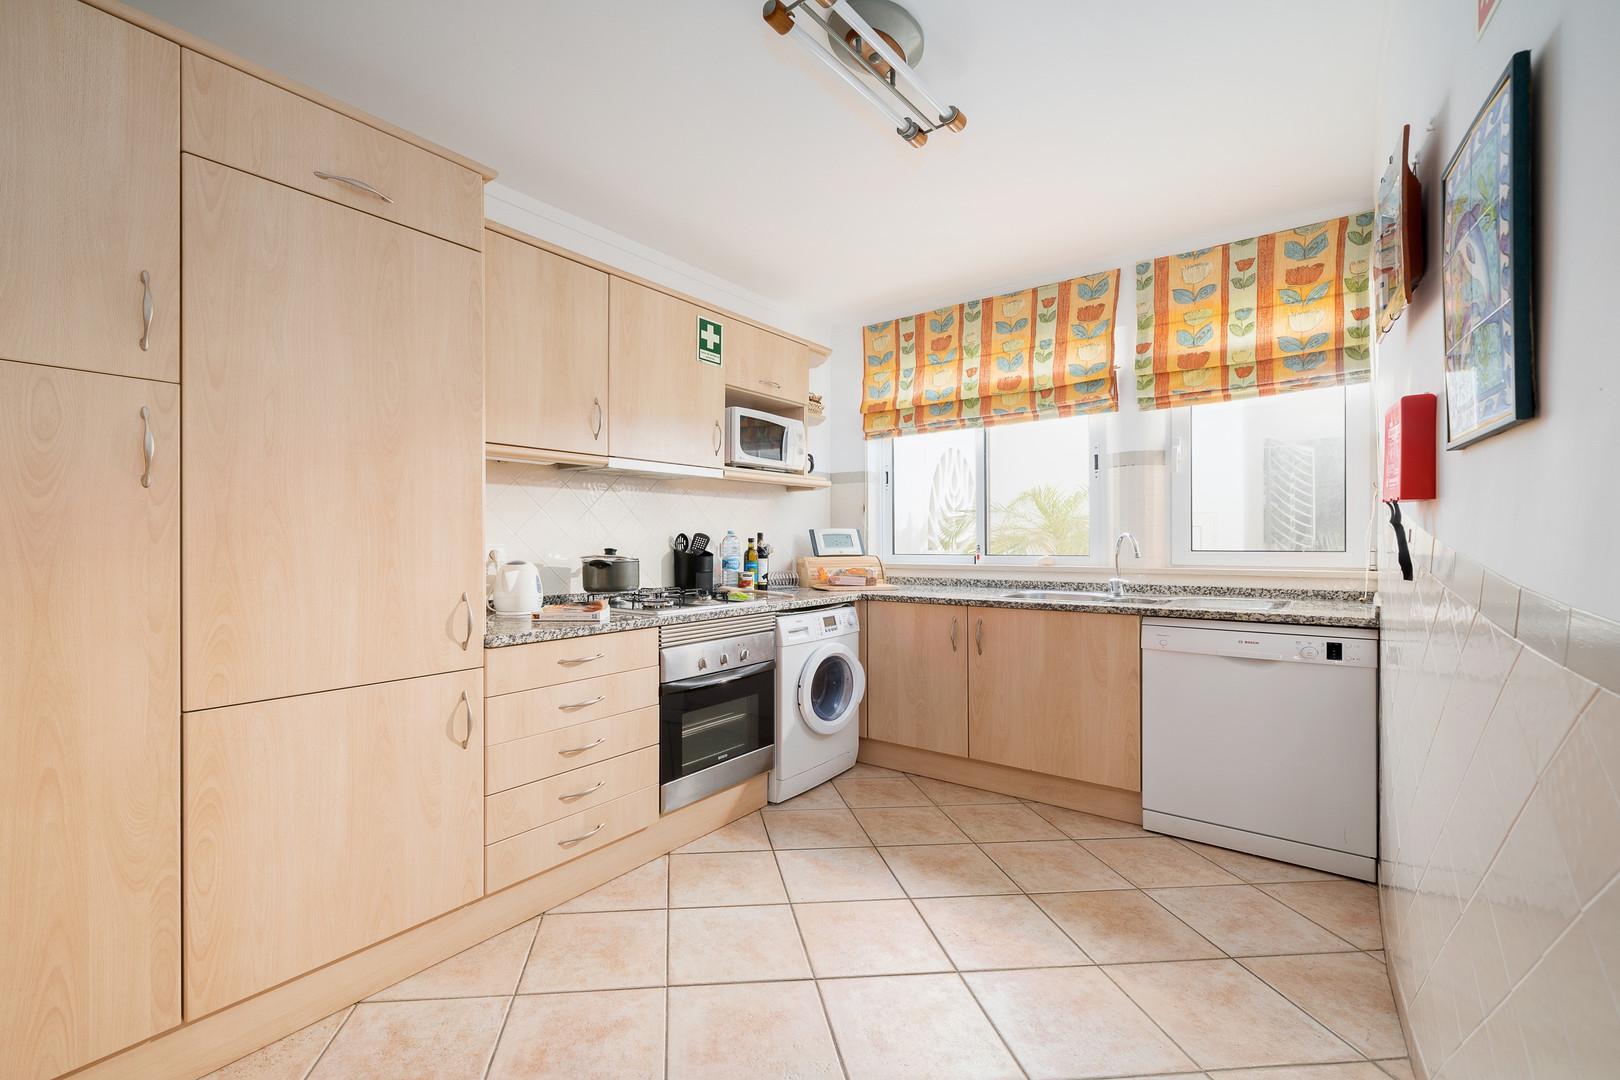 Cozinha-1.jpg